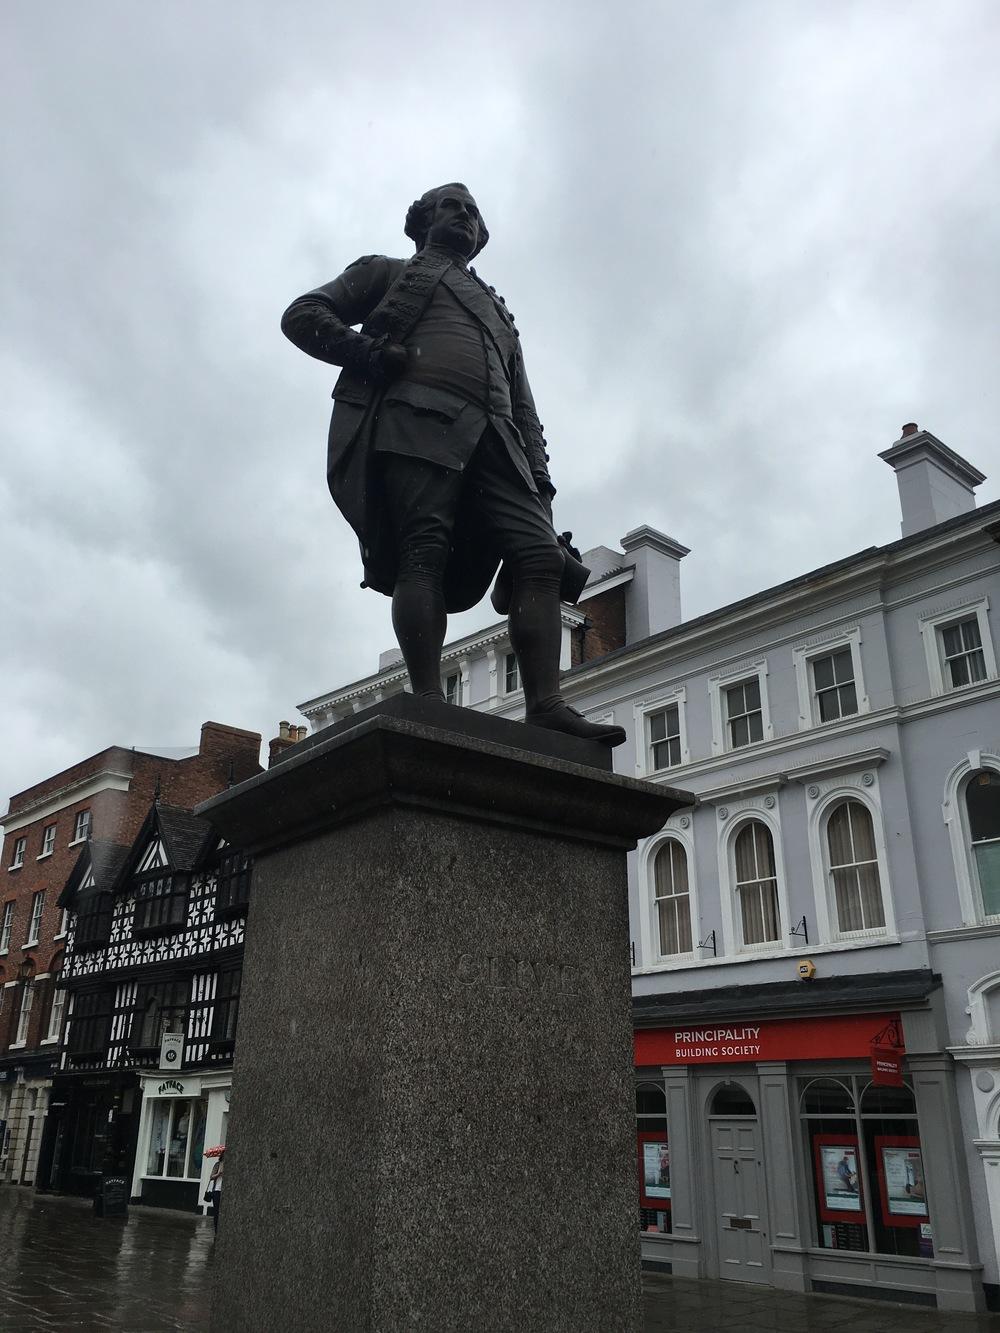 Clive presiding over the market square.